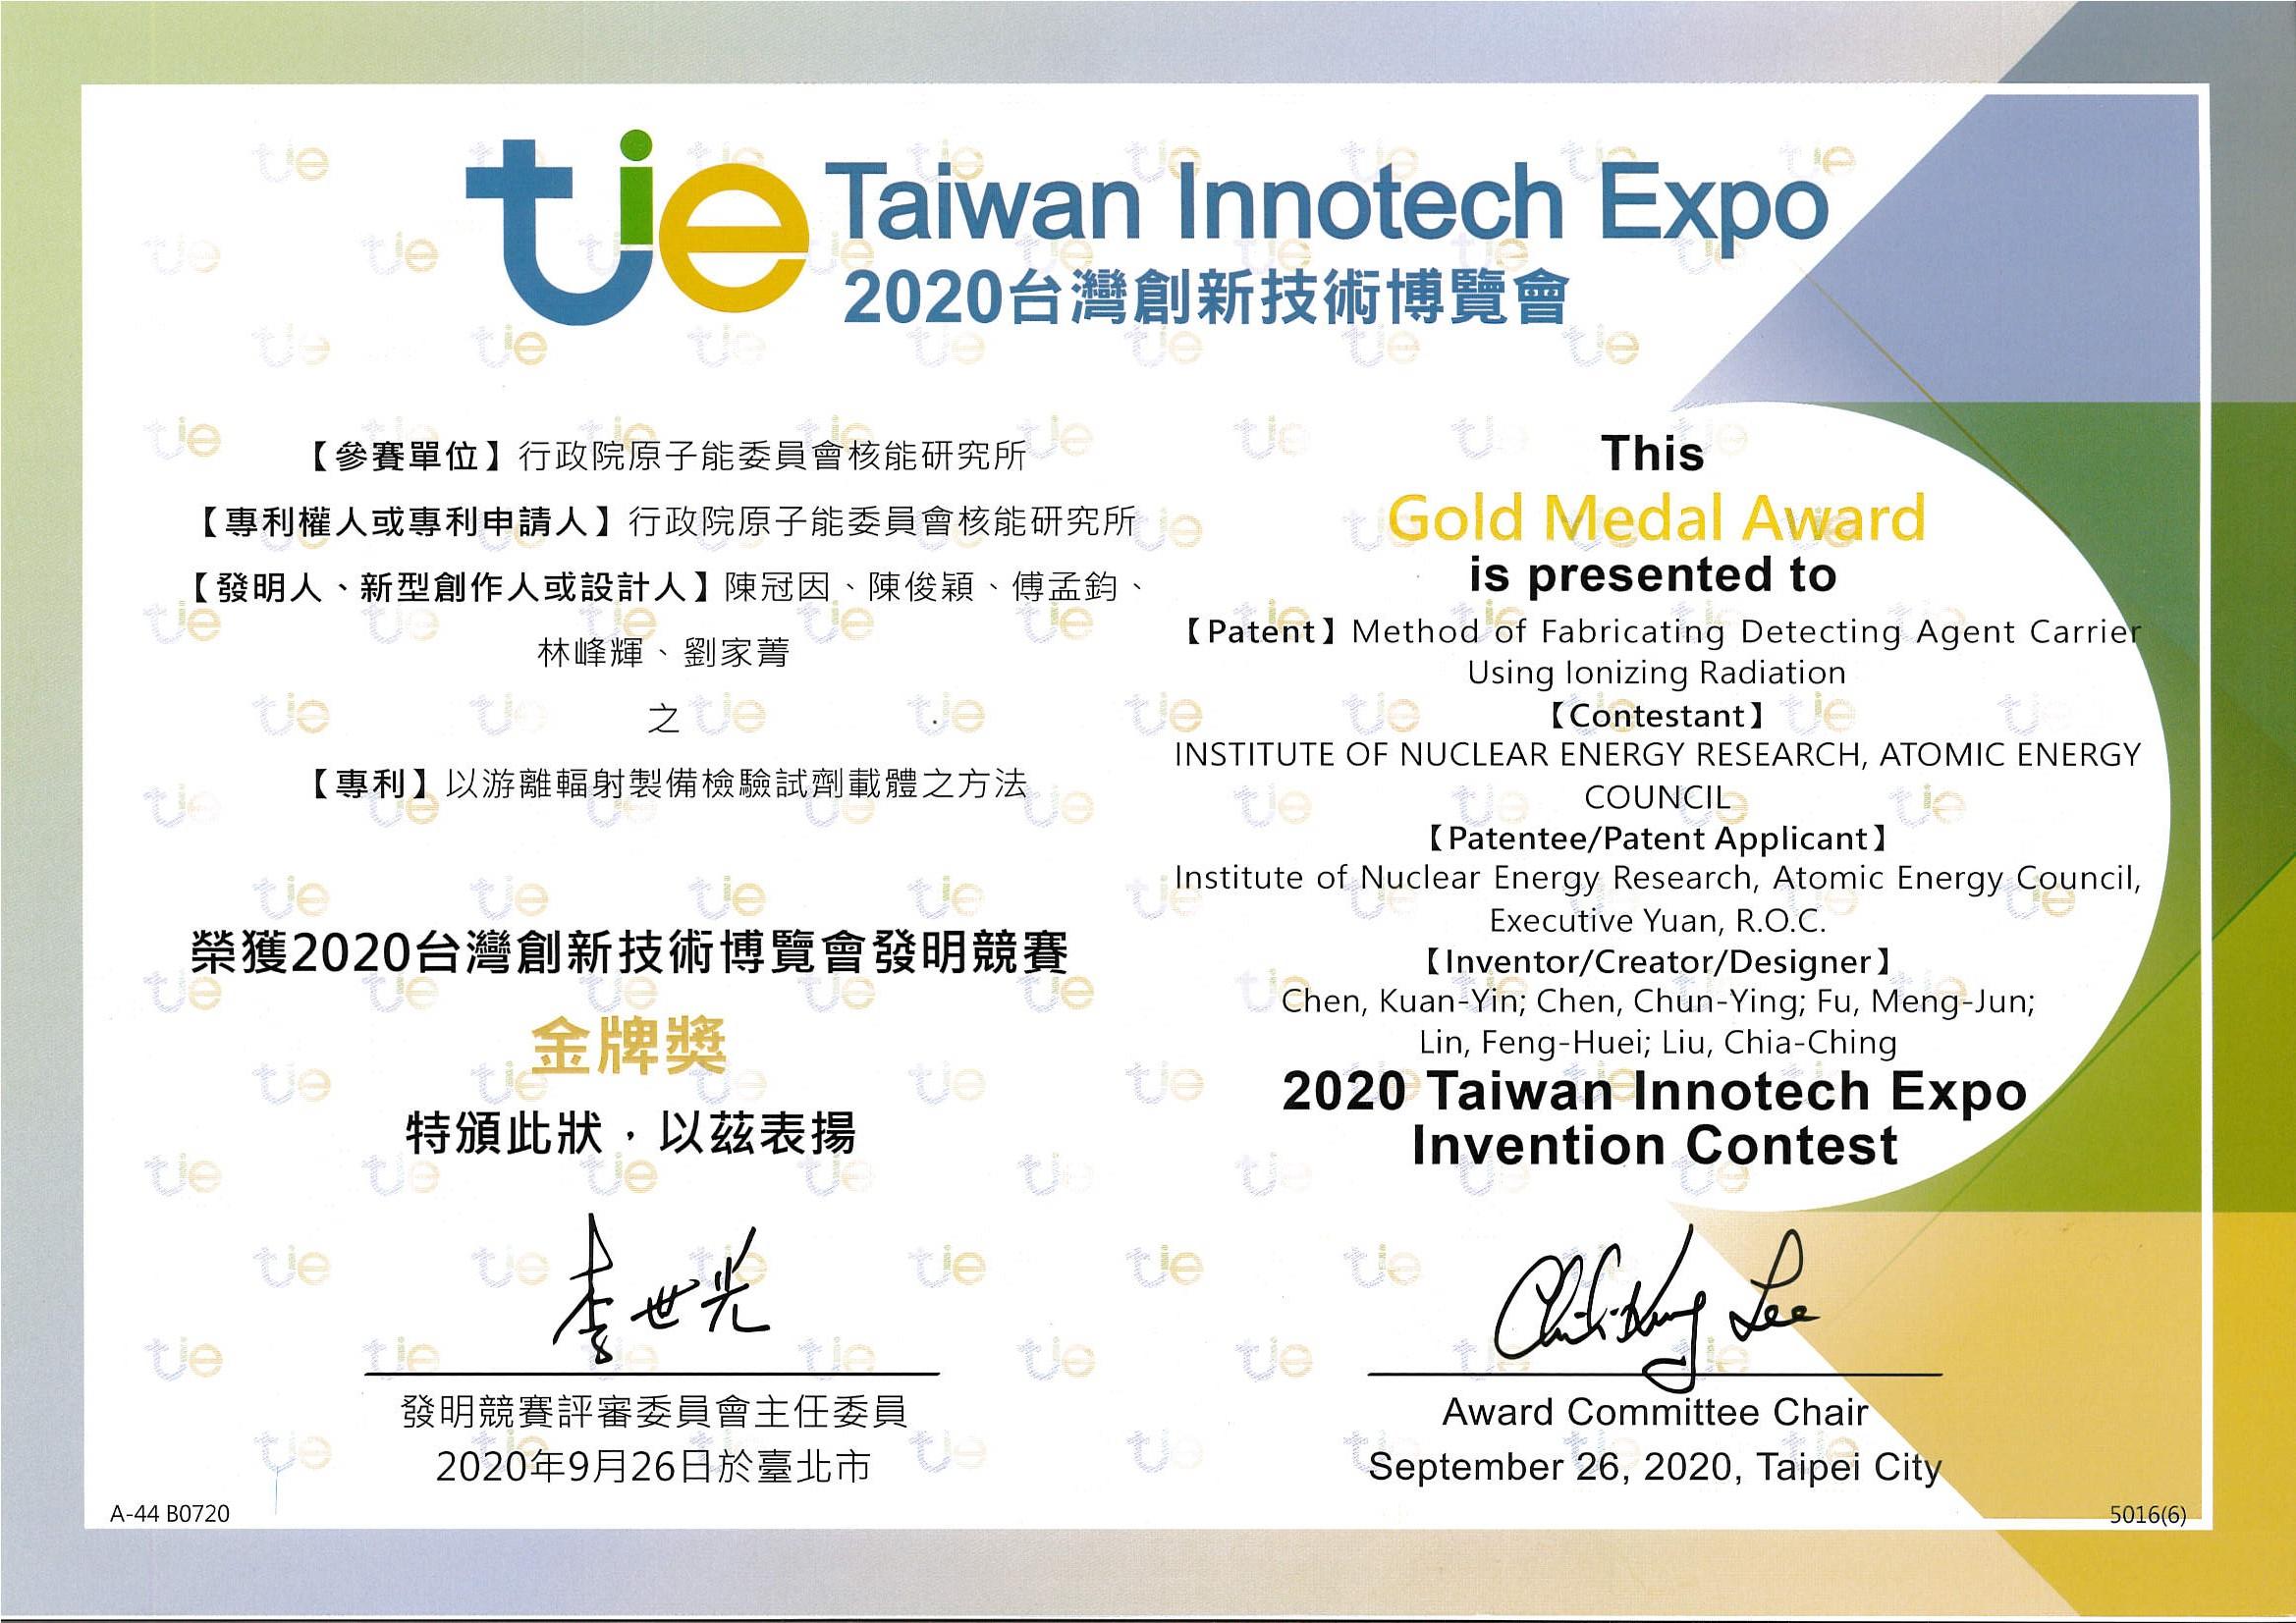 賀!本所林峯輝特聘研究員榮獲2020經濟部智慧財產局之「台灣創新技術博覽會發明競賽金牌獎」